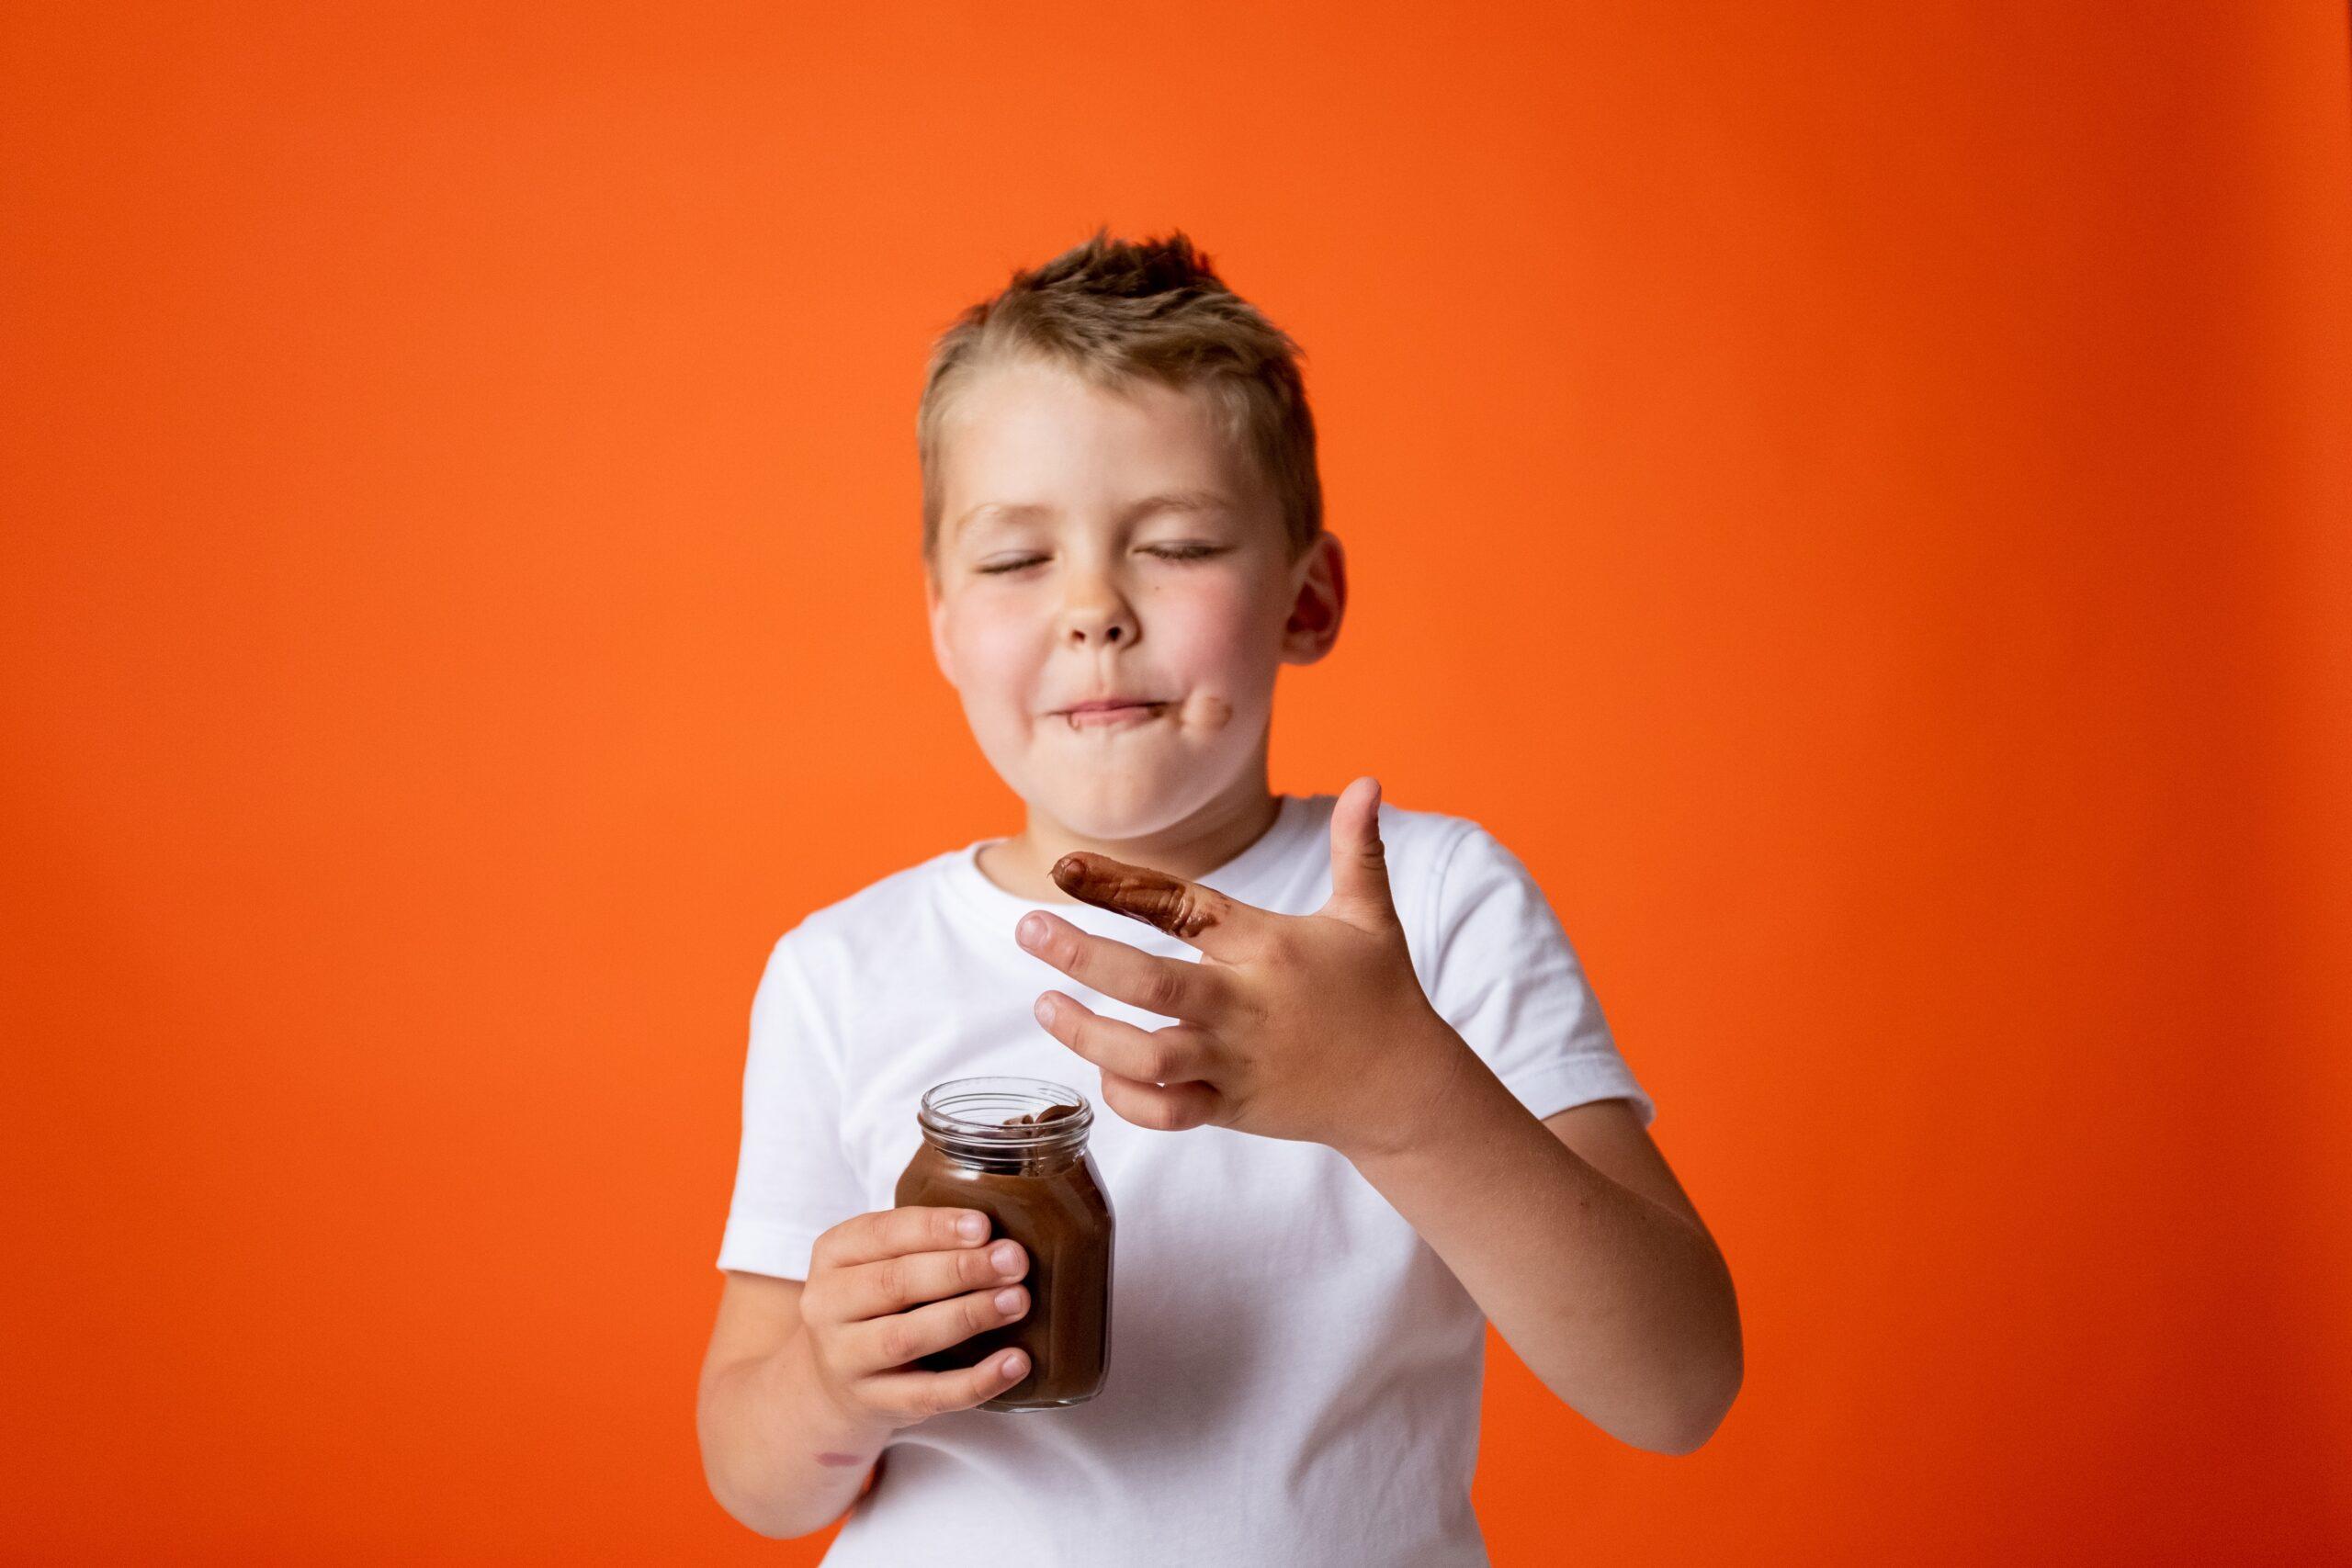 El 40,6 % de escolares de entre 6 y 9 años tienen exceso de peso